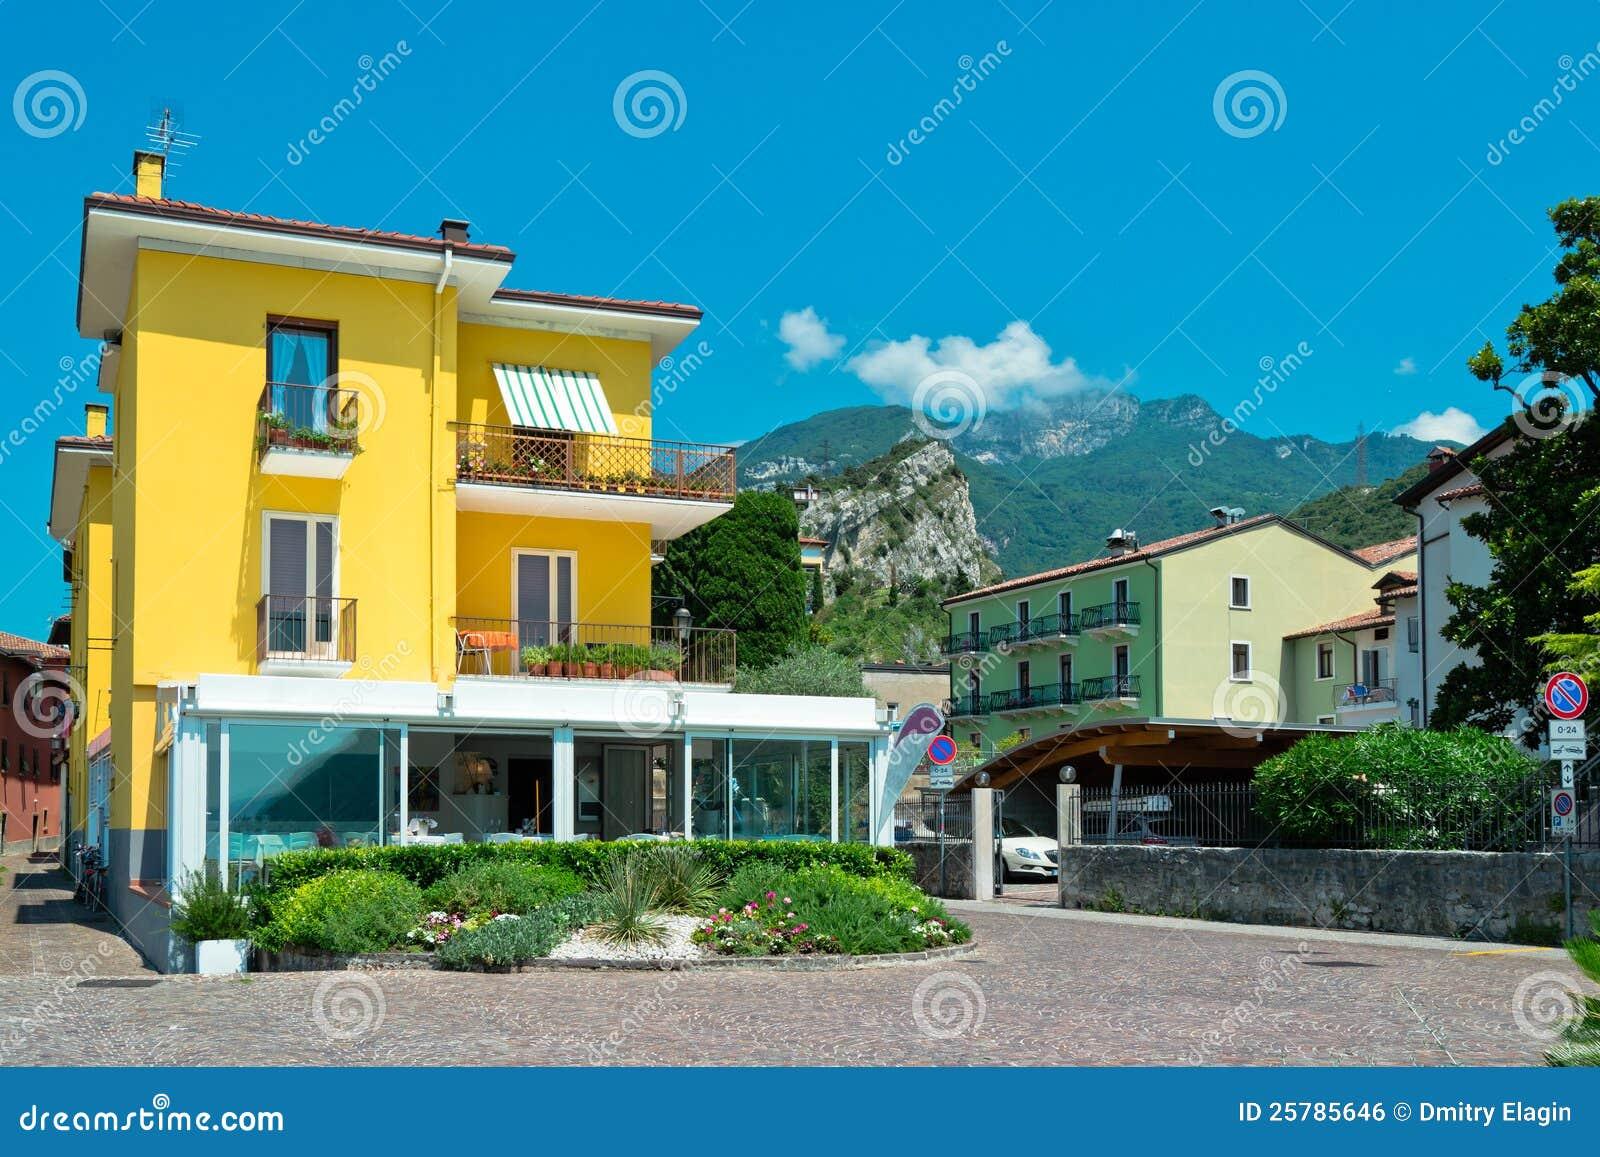 petite maison jaune de banlieue photo stock image du entr e home 25785646. Black Bedroom Furniture Sets. Home Design Ideas